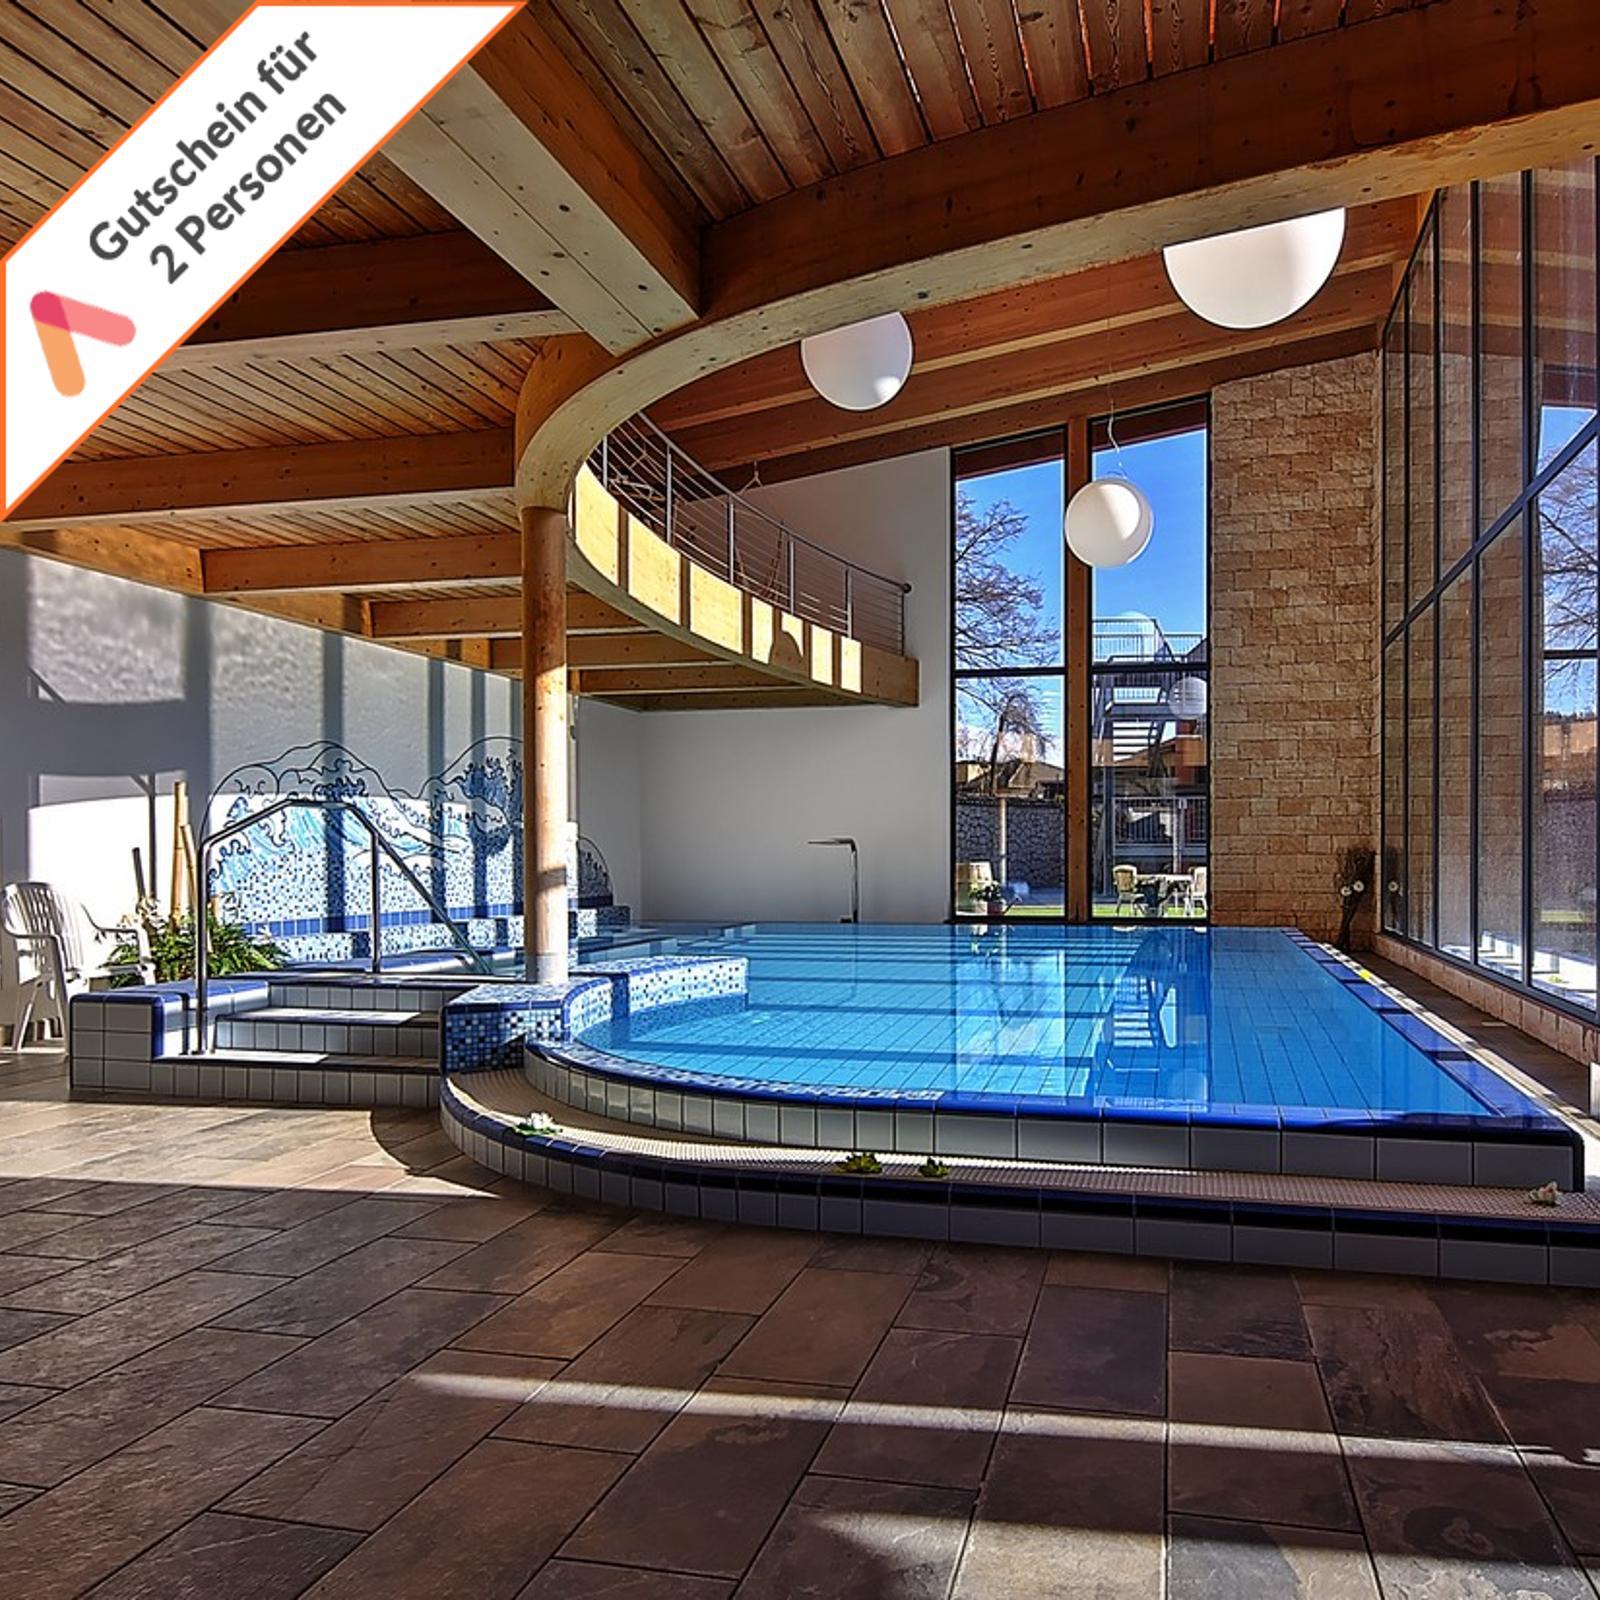 Wellness Kurzreise Südtirol Trentino für 2 Personen Pool Hotel Gutschein 6 Tage